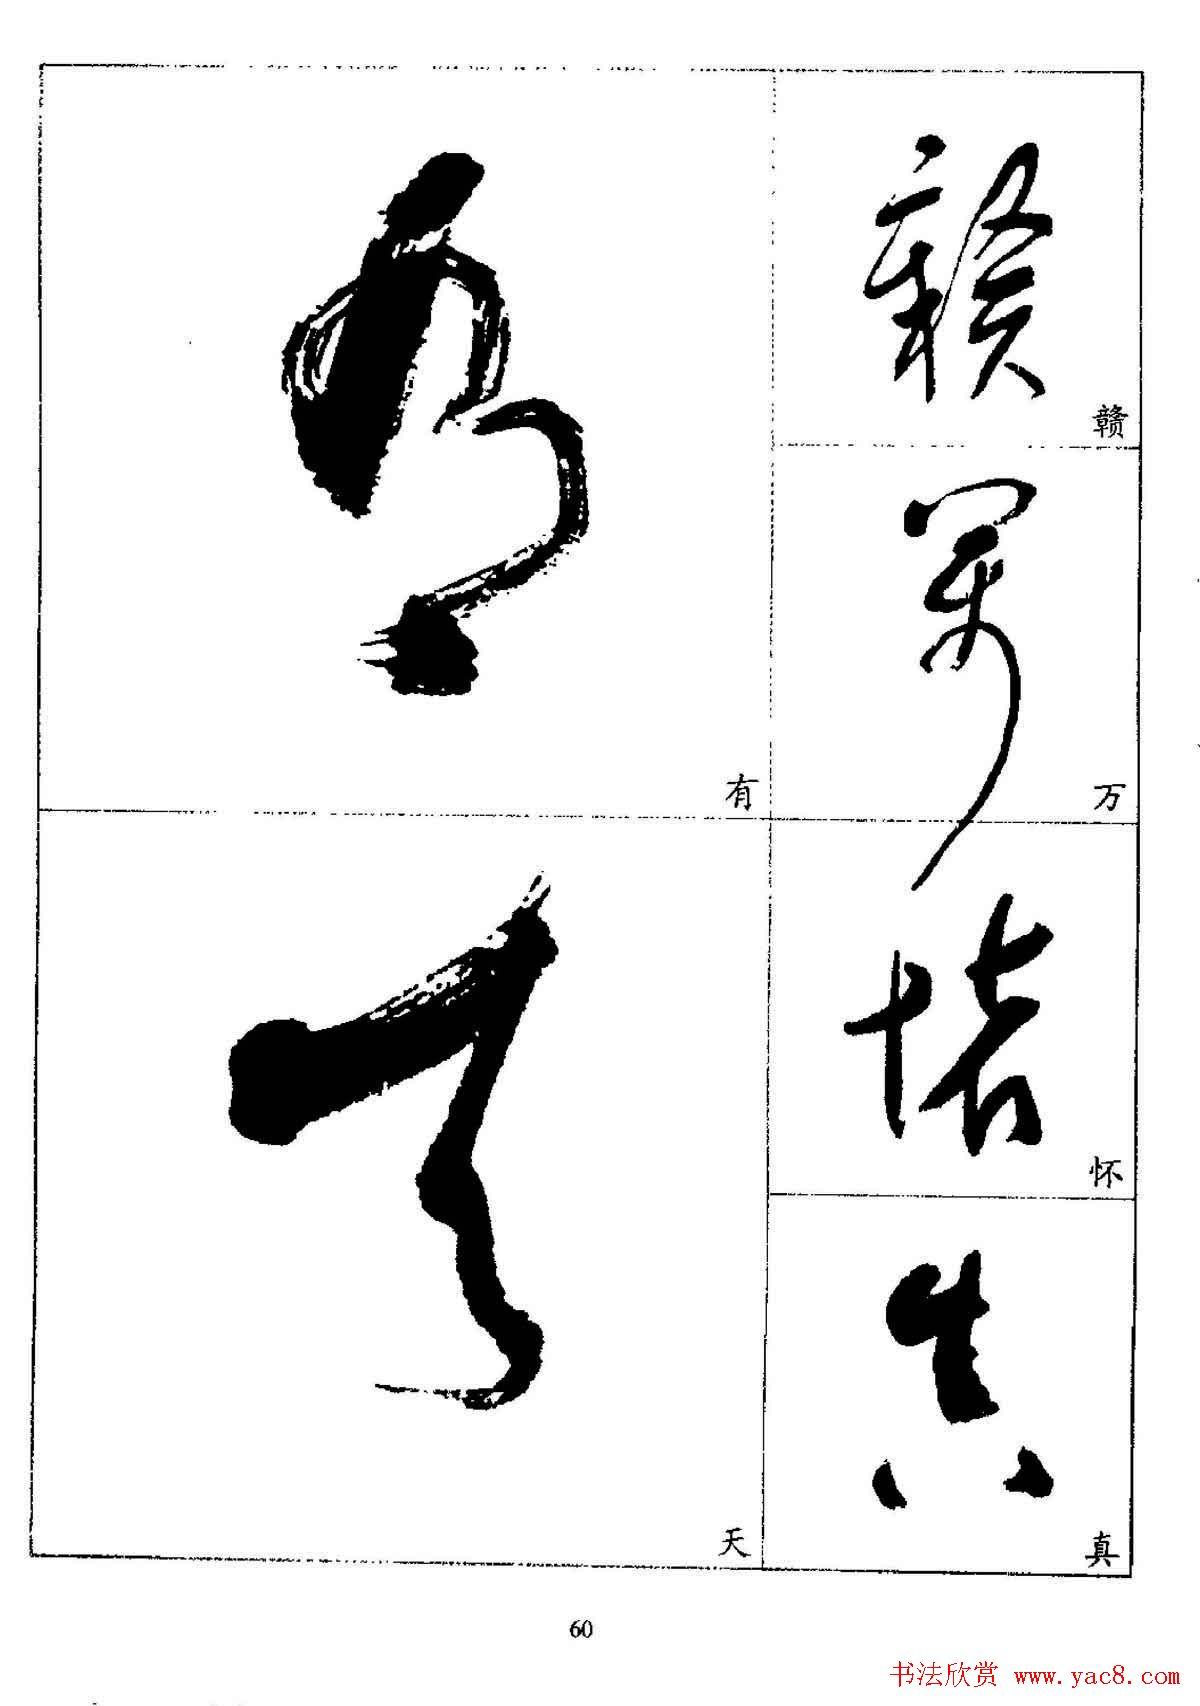 20世纪杰出书法家林散之草书字帖欣赏图片图片